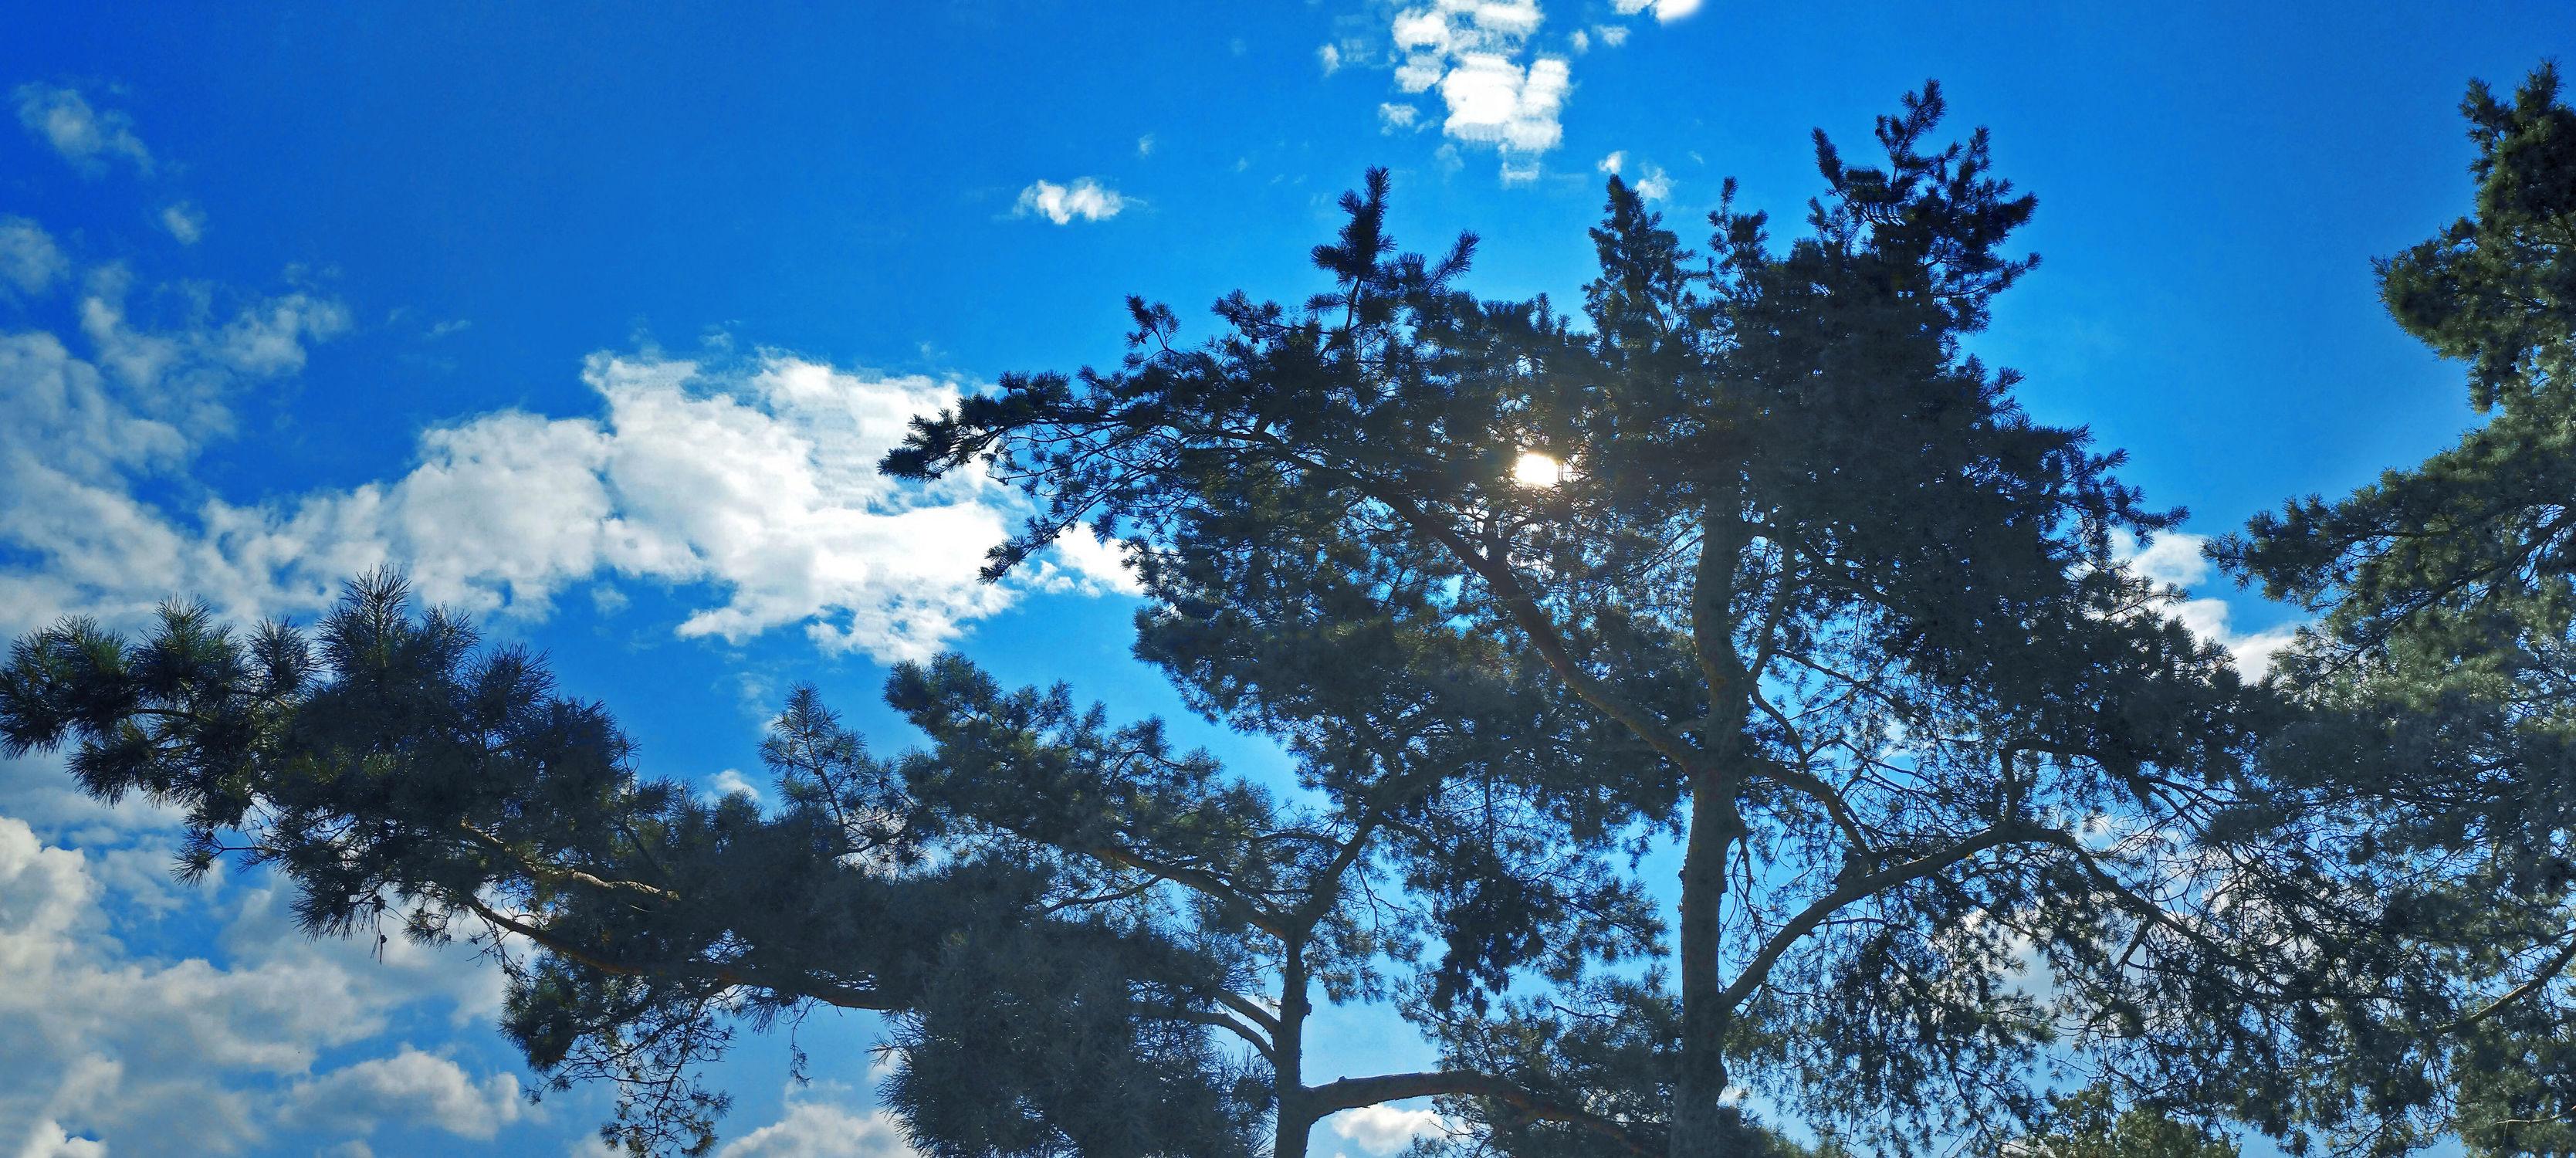 Bild mit Natur, Himmel, Wolken, Baumkrone, Baum, Panorama, Nadelbaum, Pinie, Wolkenhimmel, Kiefer, Kiefergewächs